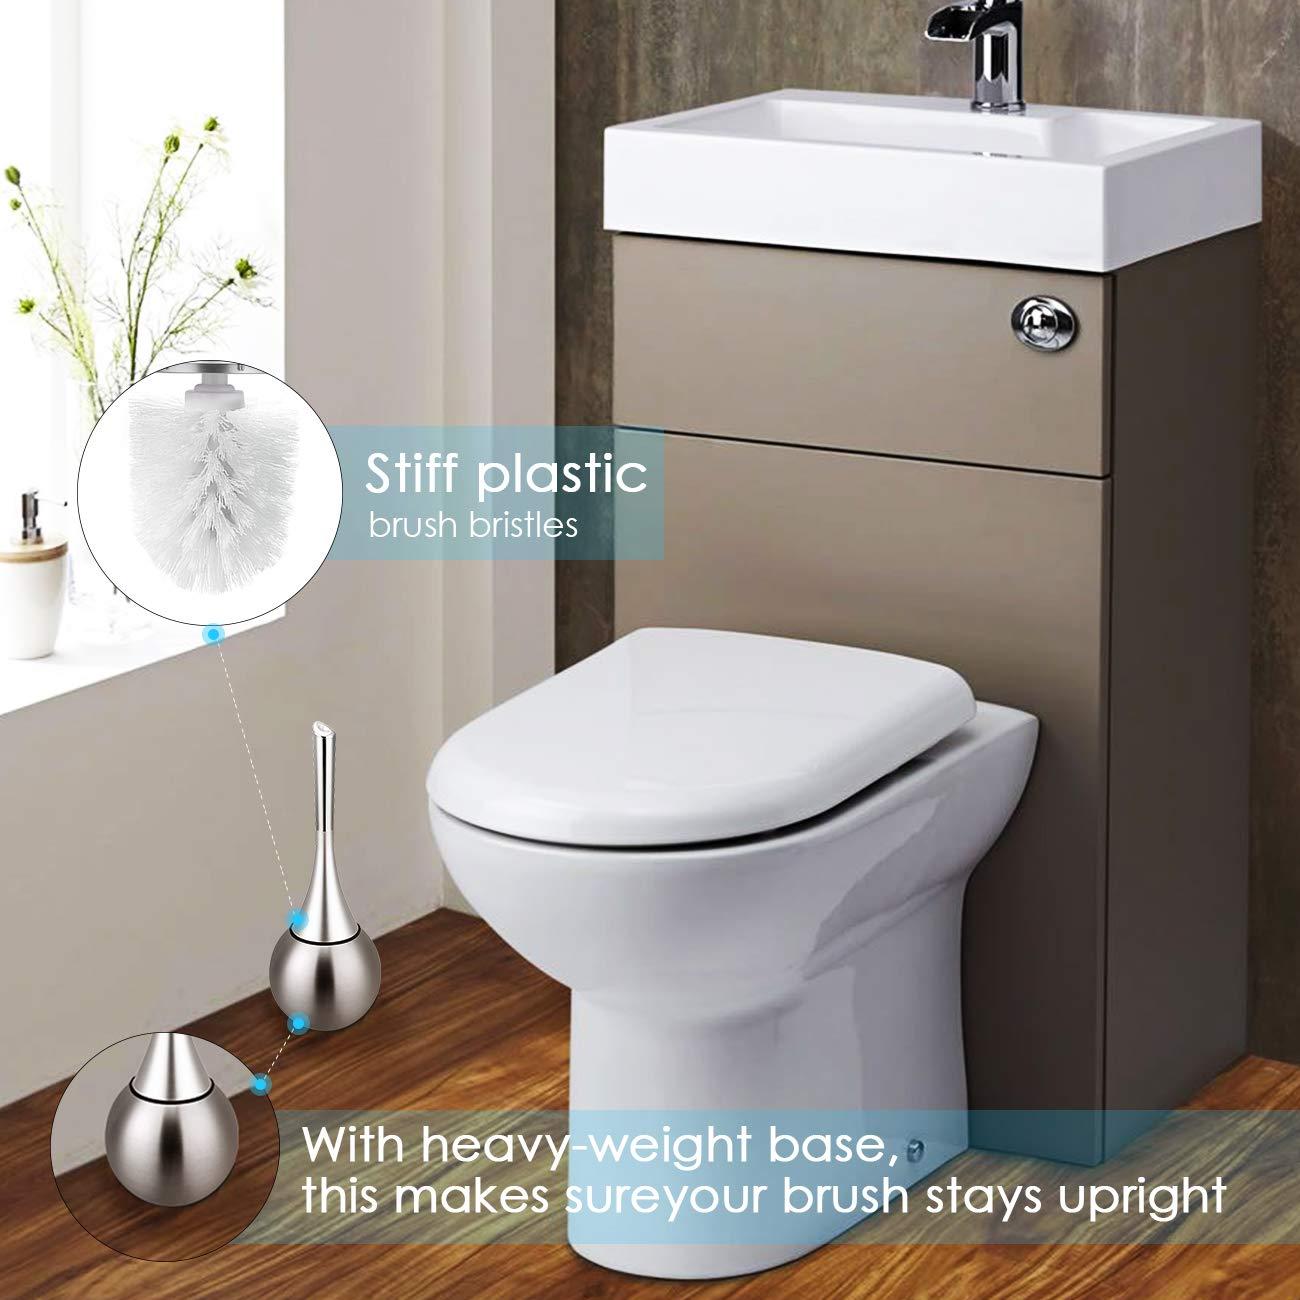 AGM Escobilla de Baño Elegante, Limpieza de Baño WC, Cepillo de Tocador, Escobilla WC, Cepillo de WC, Cepillo de Baño, Escobilleros de baño con Soporte de ...